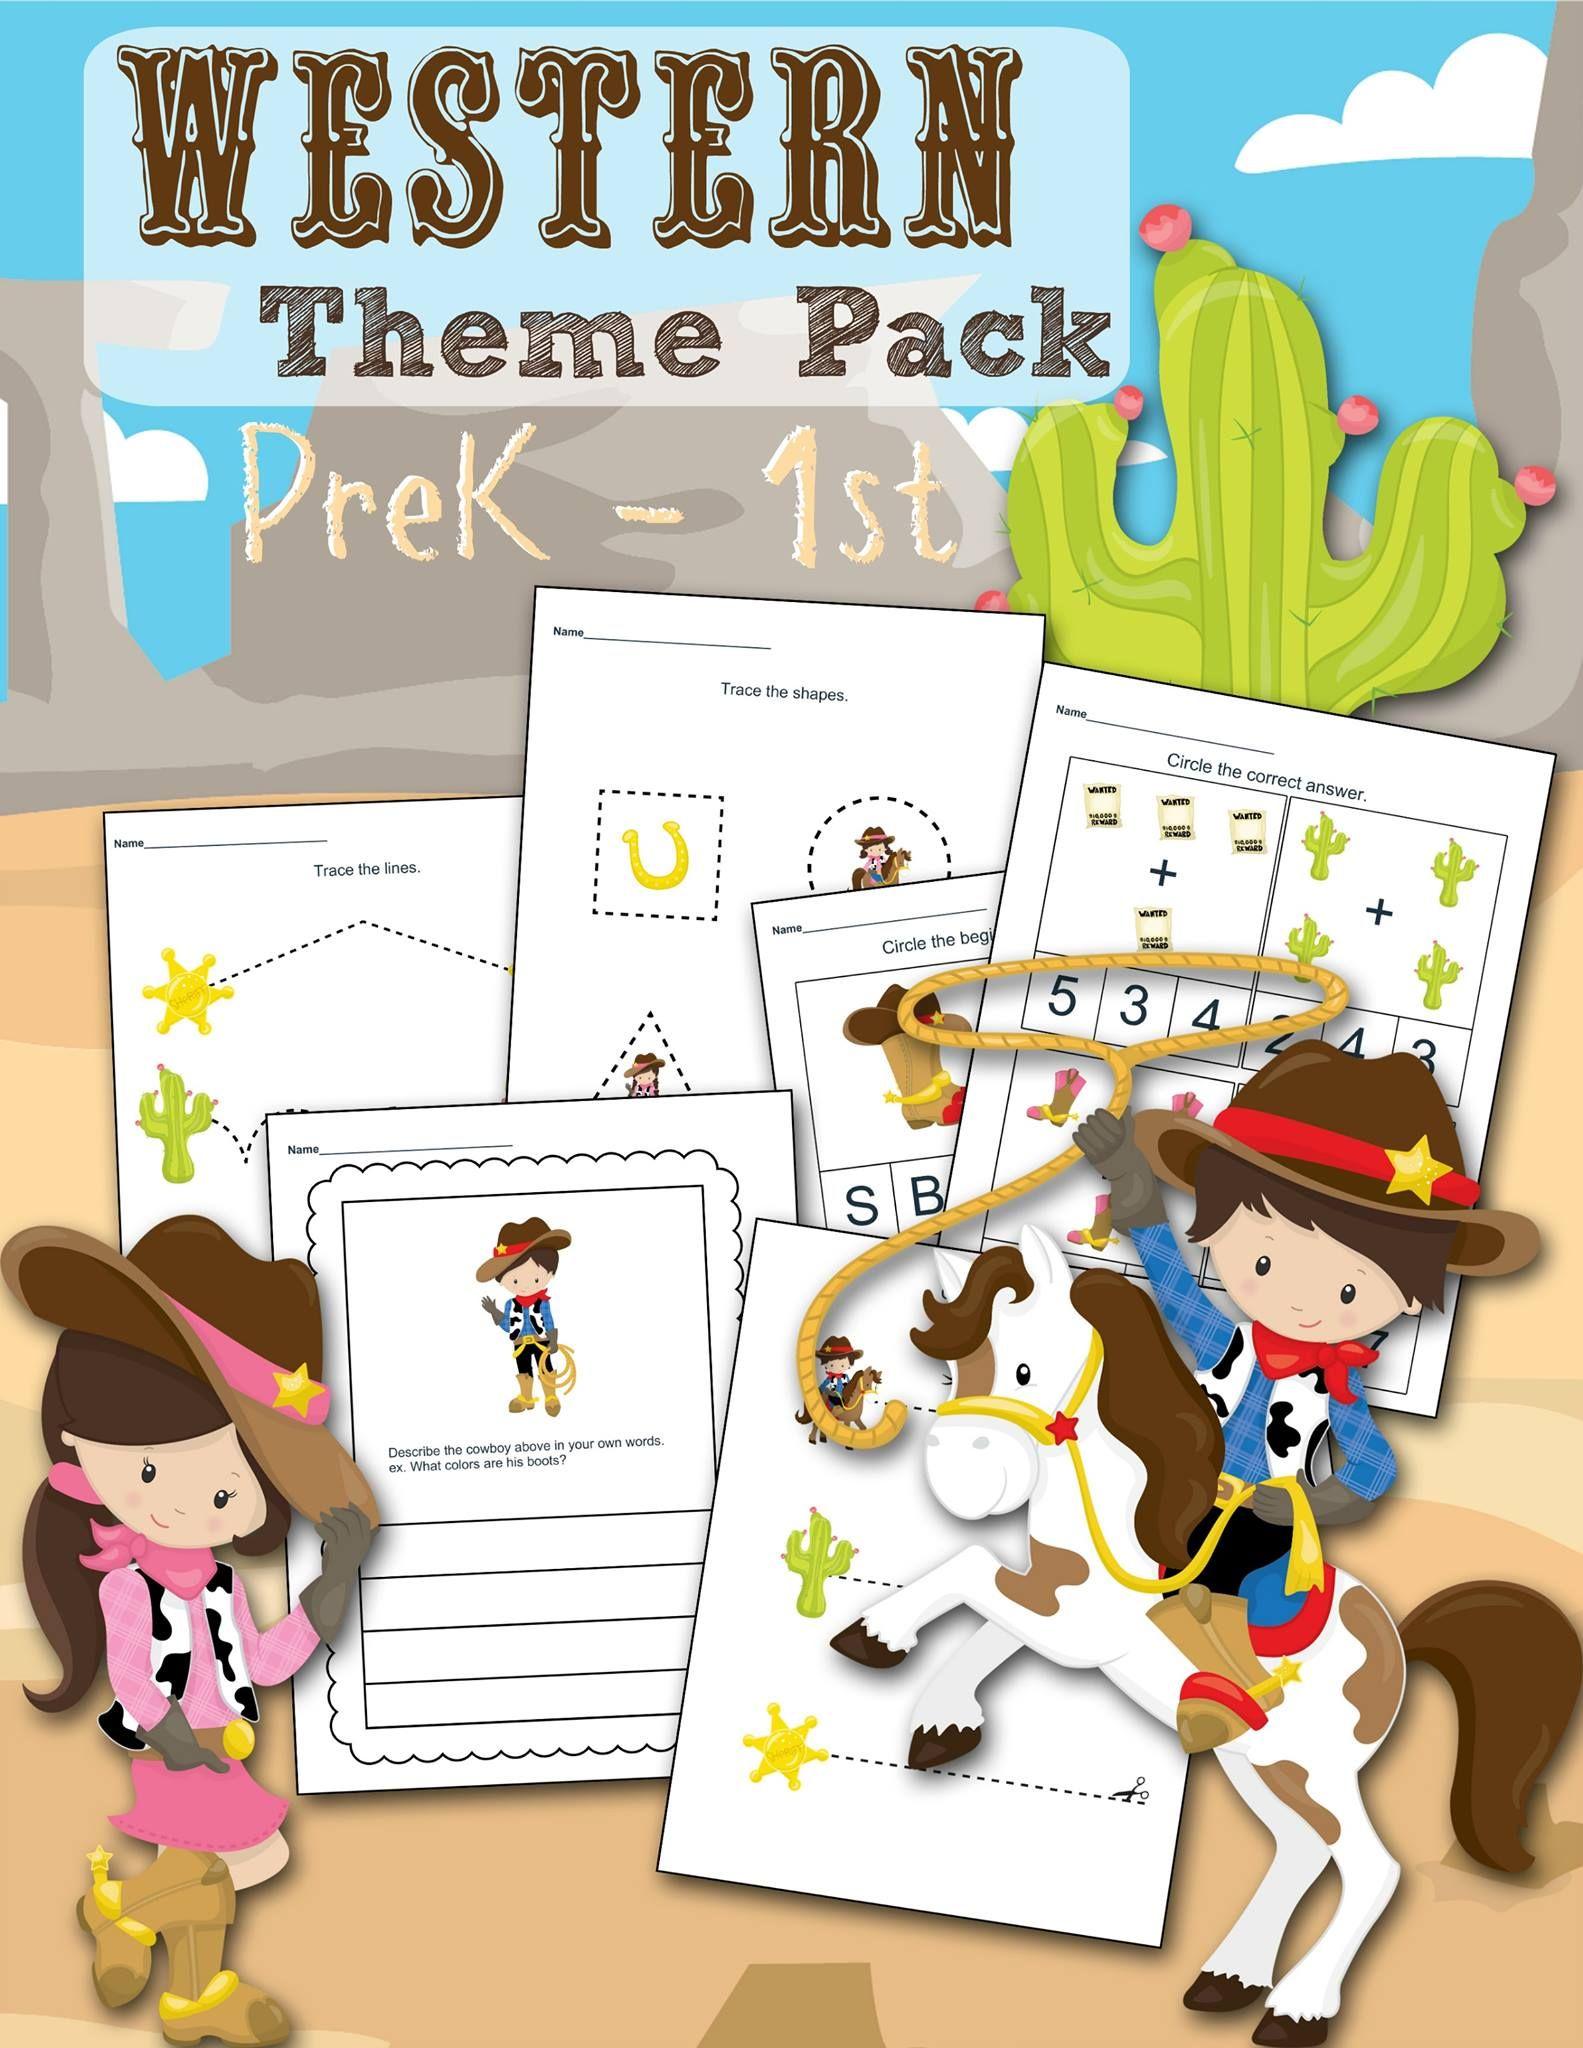 Free Western Themed Preschool Printable Worksheet Set